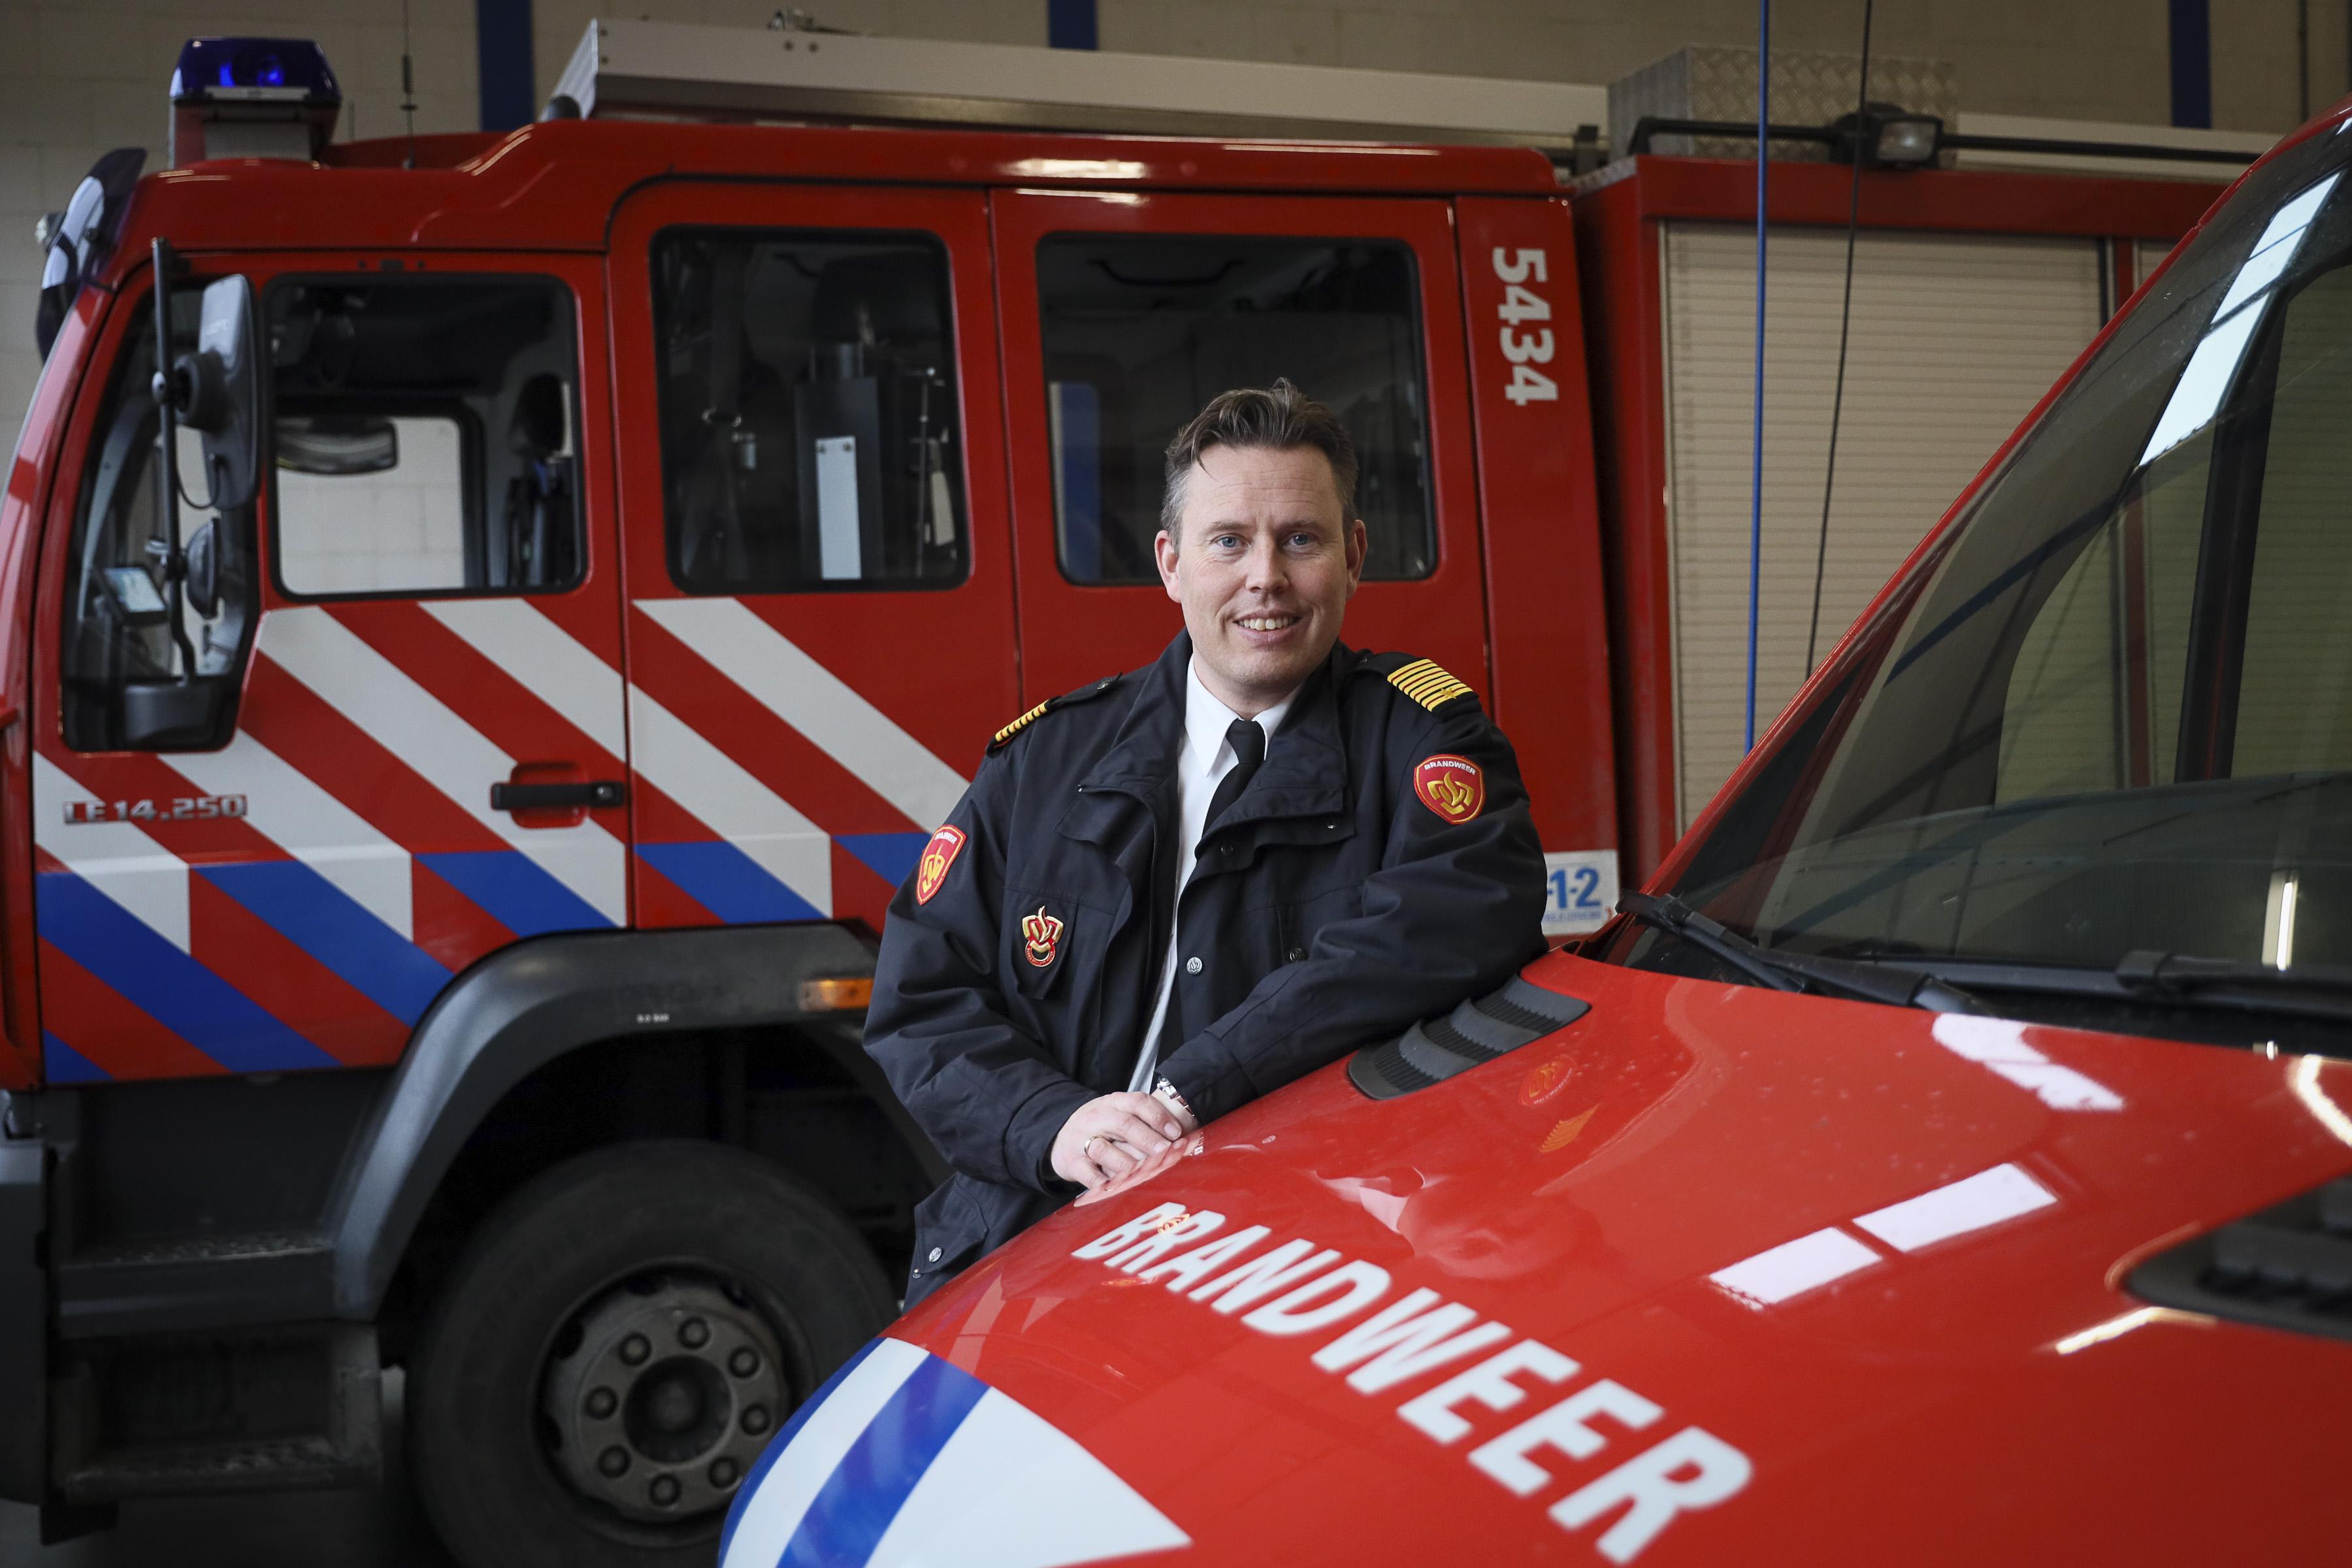 Kees Jong, regionaal commandant én kind van de brandweer West-Friesland